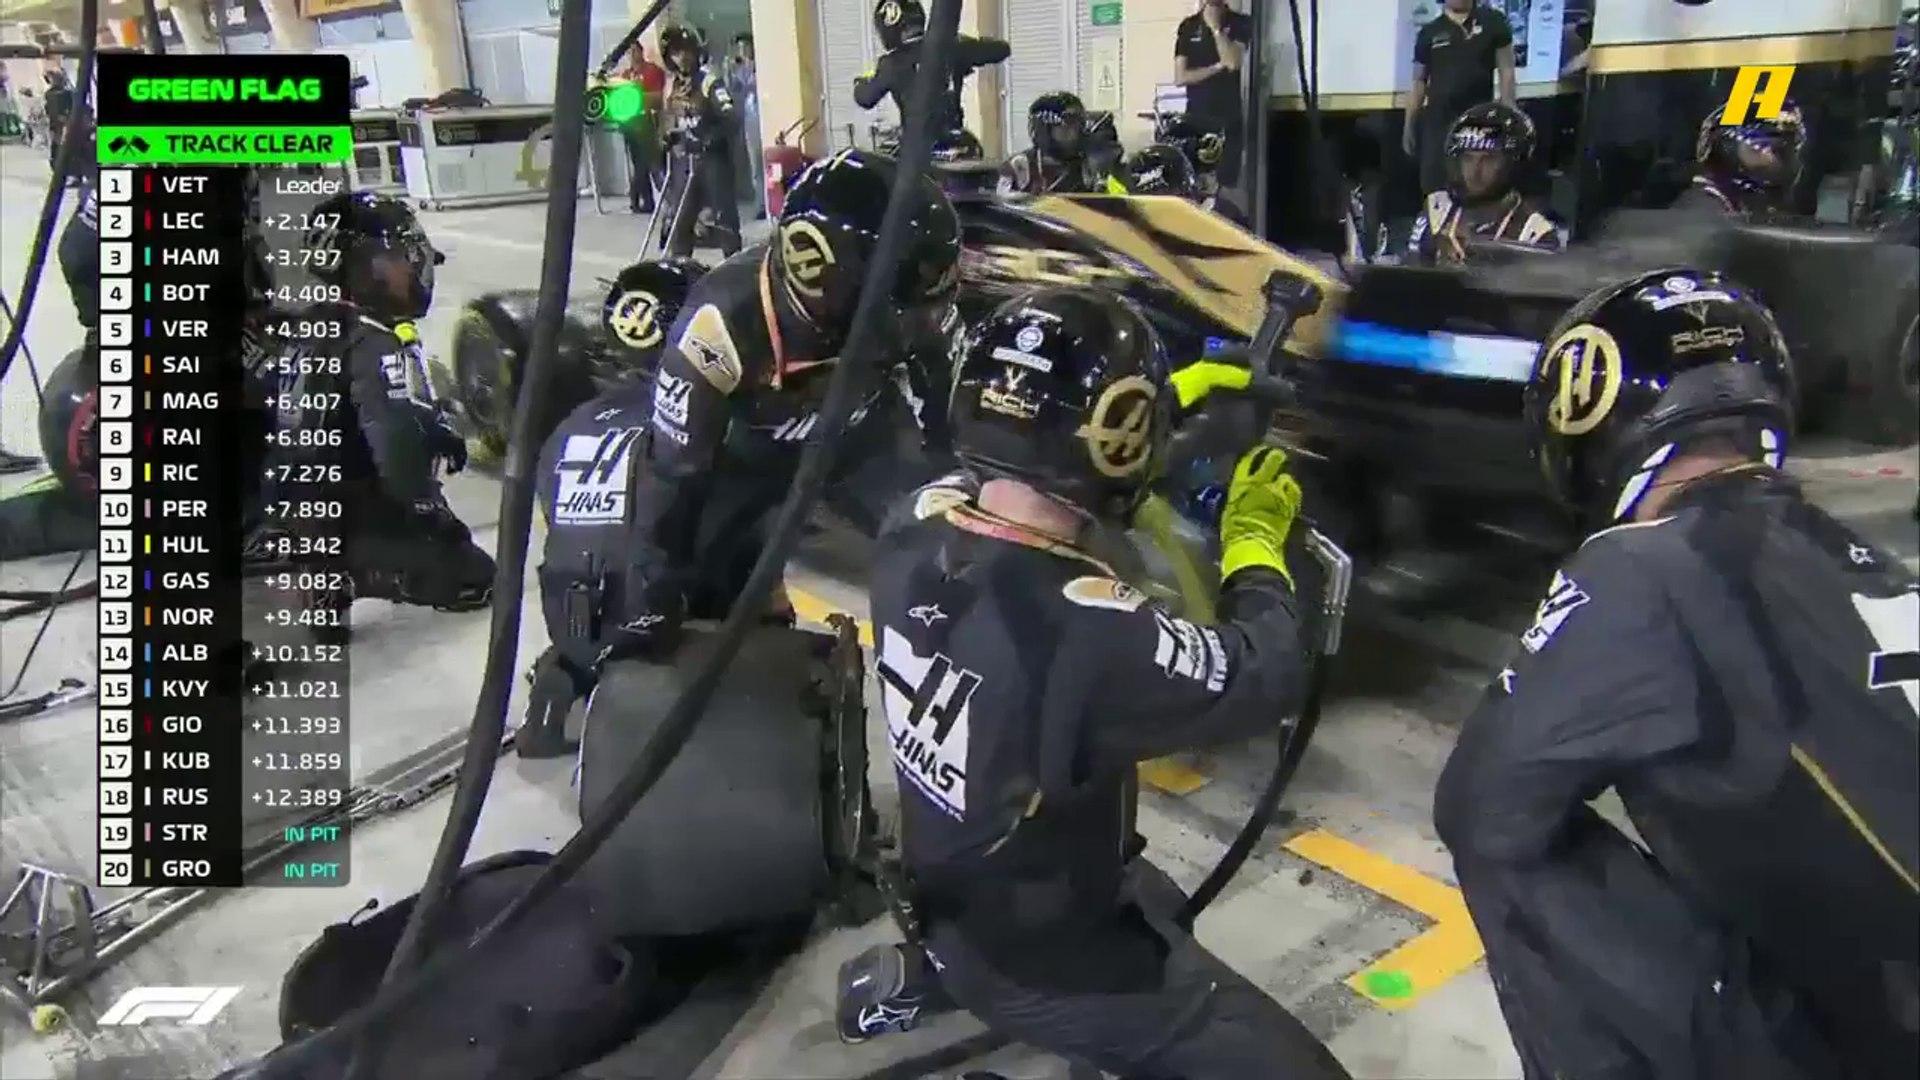 بداية سيئة لكروجان وماغنوسن في سباق جائزة البحرين الكبرى